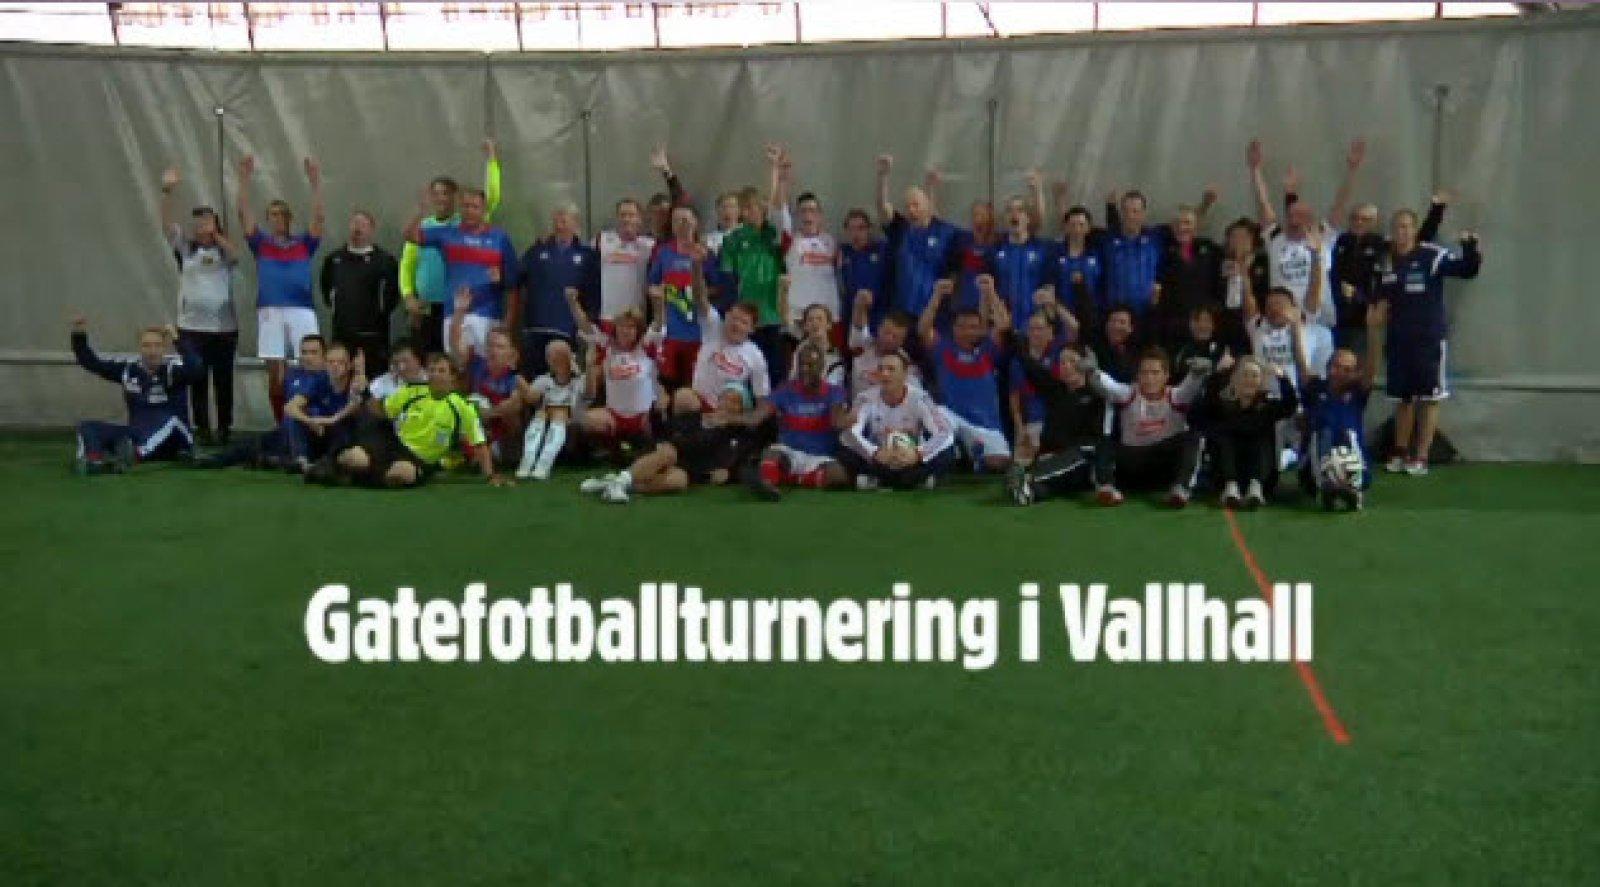 Gatefotballturnering i Valhall